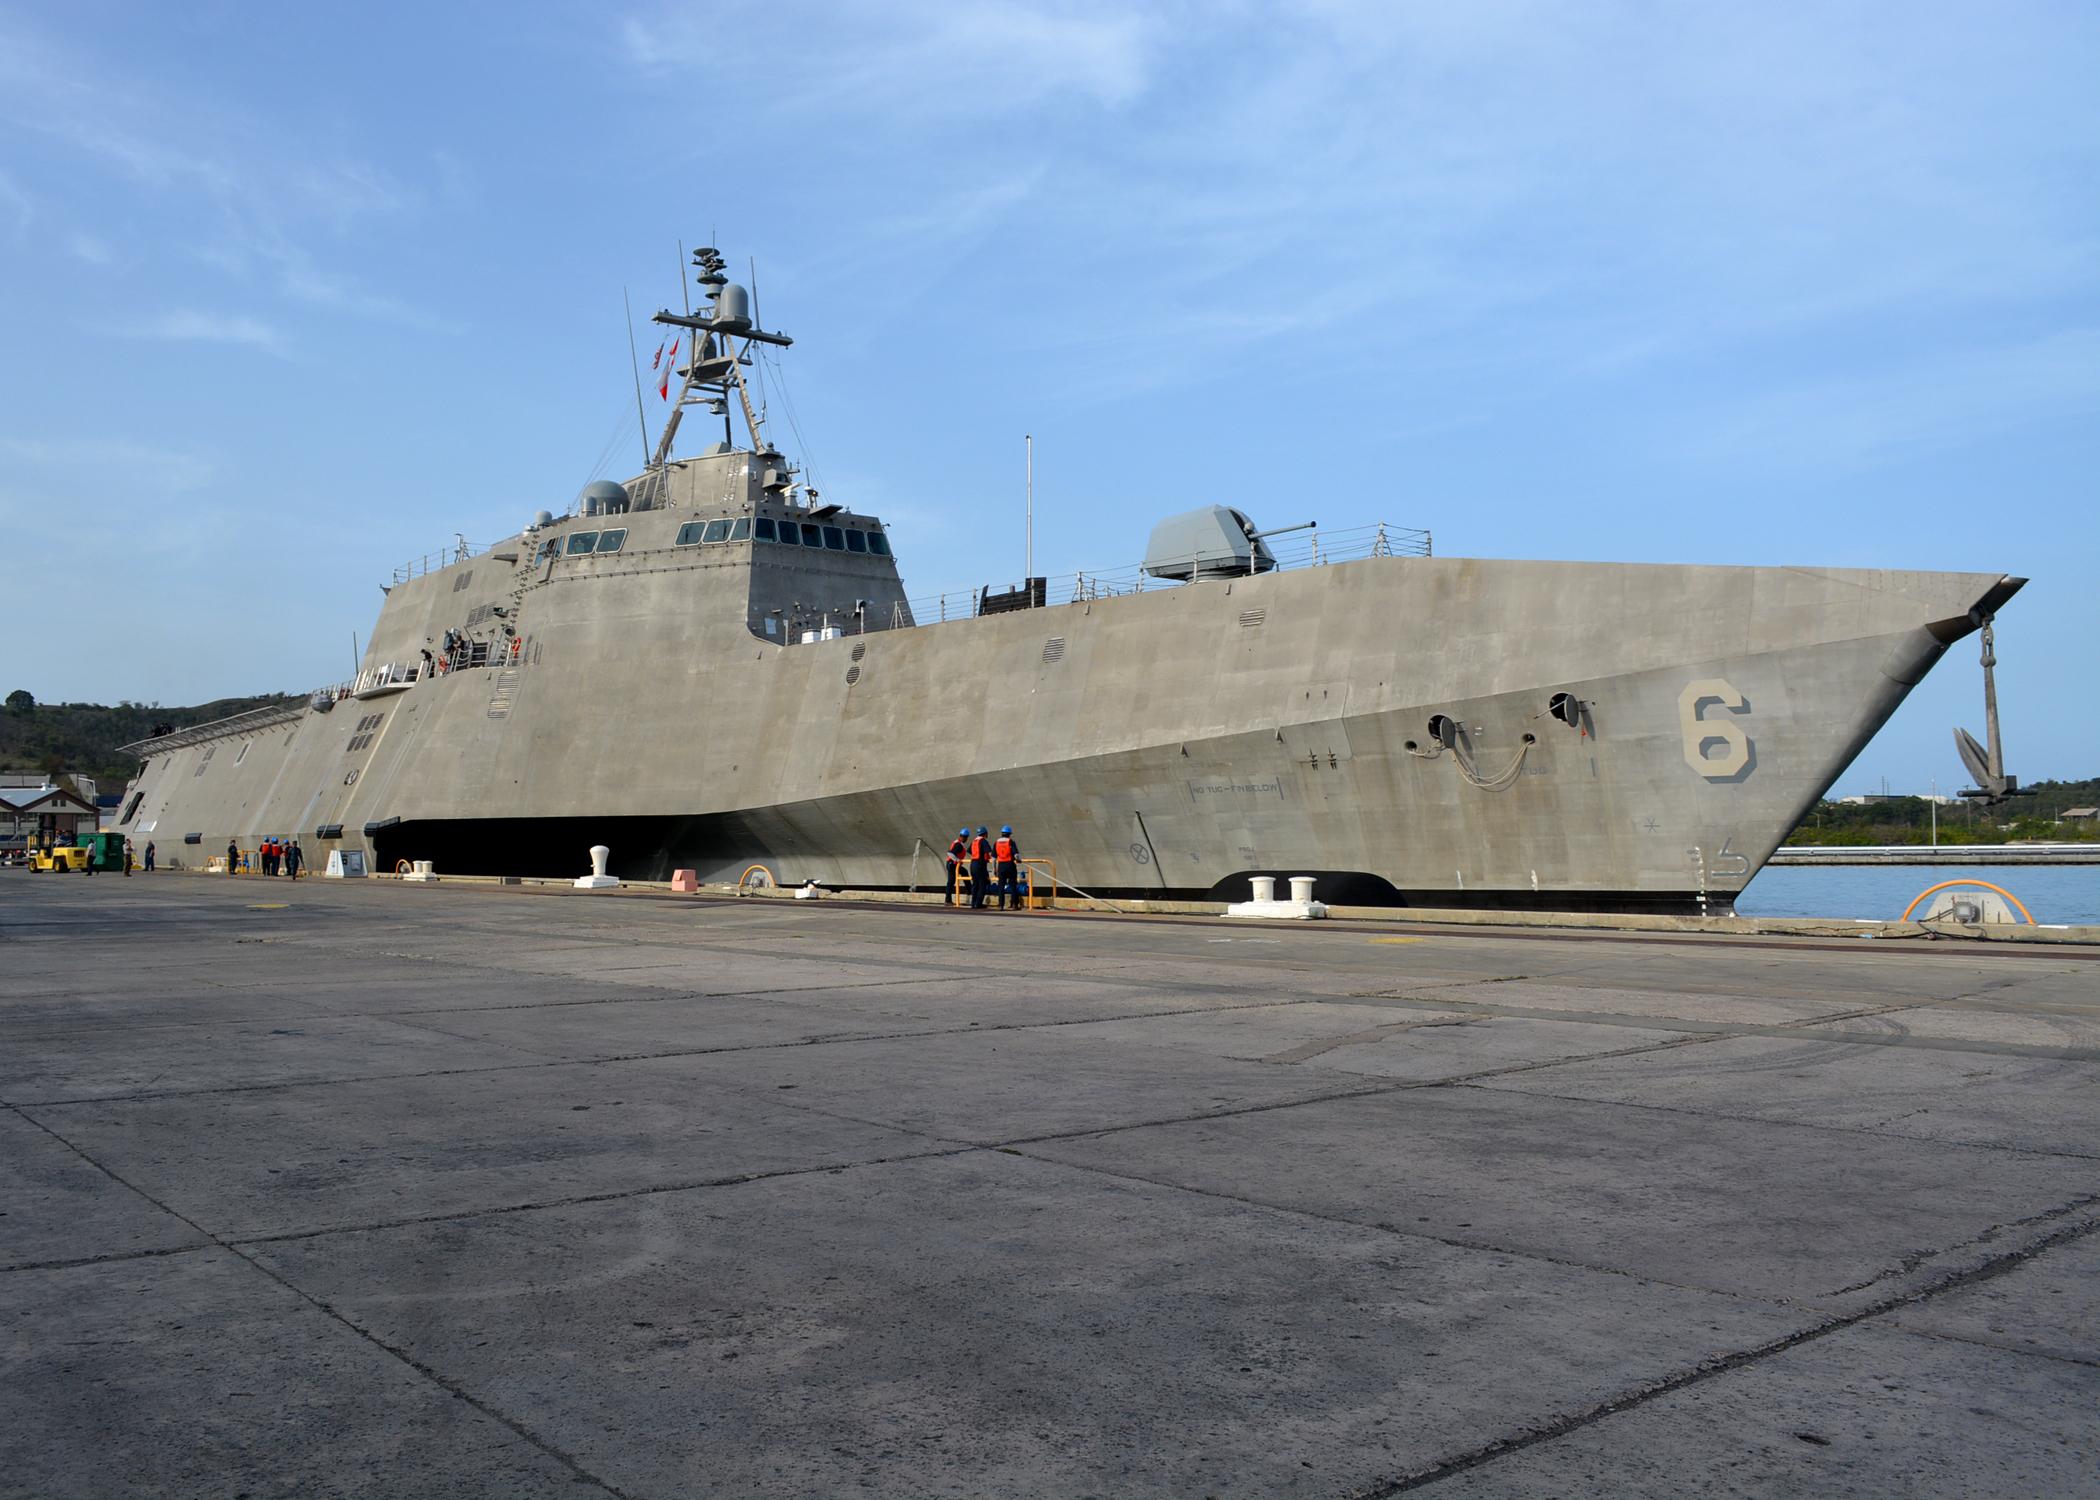 USS_Jackson_%28LCS-6%29_moors_at_Naval_Station_Guantanamo_Bay_on_4_September_2016.JPG